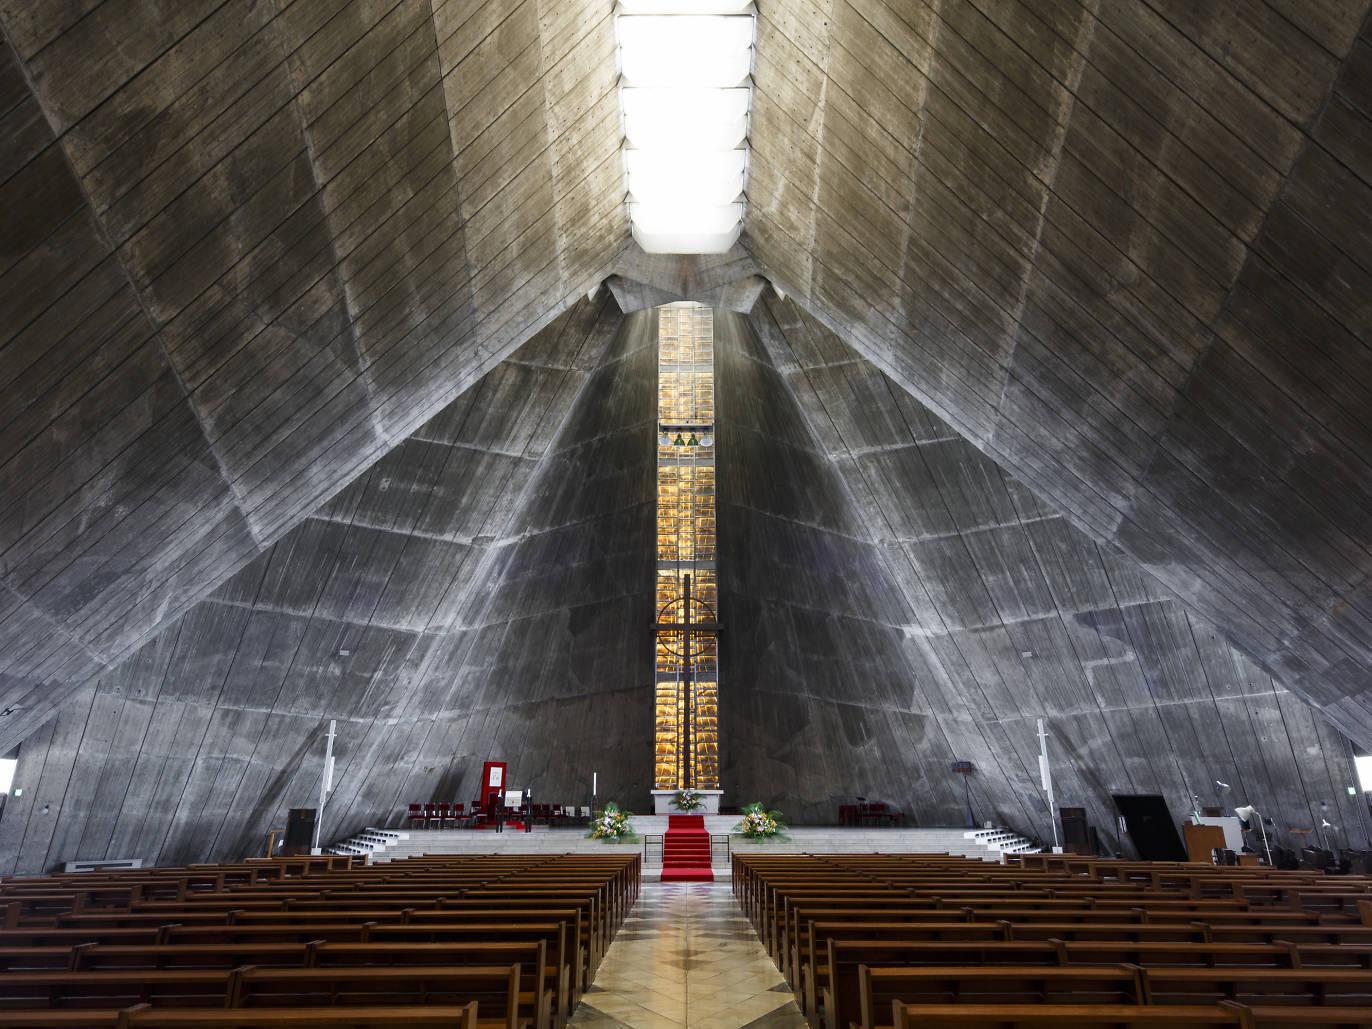 東京カテドラル聖マリア大聖堂